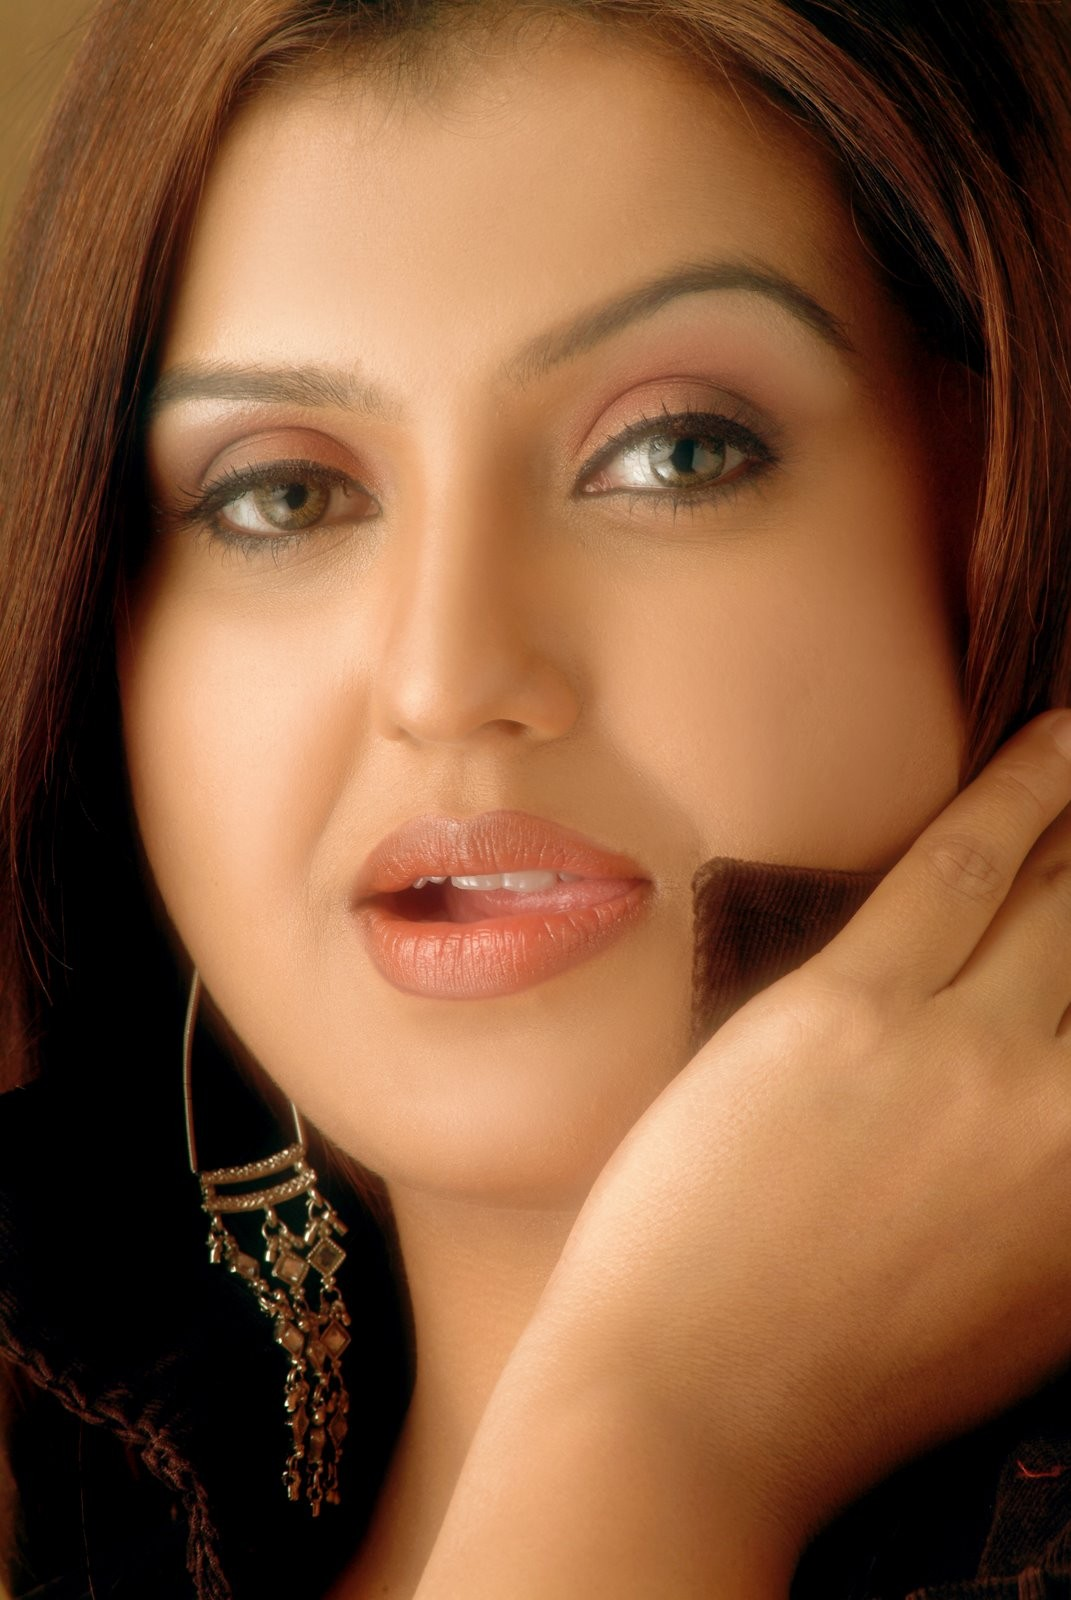 http://1.bp.blogspot.com/-DrawF_iwFdA/TiH7TxcP62I/AAAAAAAALcE/MwOe1eEyXBw/s1600/Tamil-masala-Actress-Sona-Heiden-Pos-0024.jpg?sona-|sona--poshoot